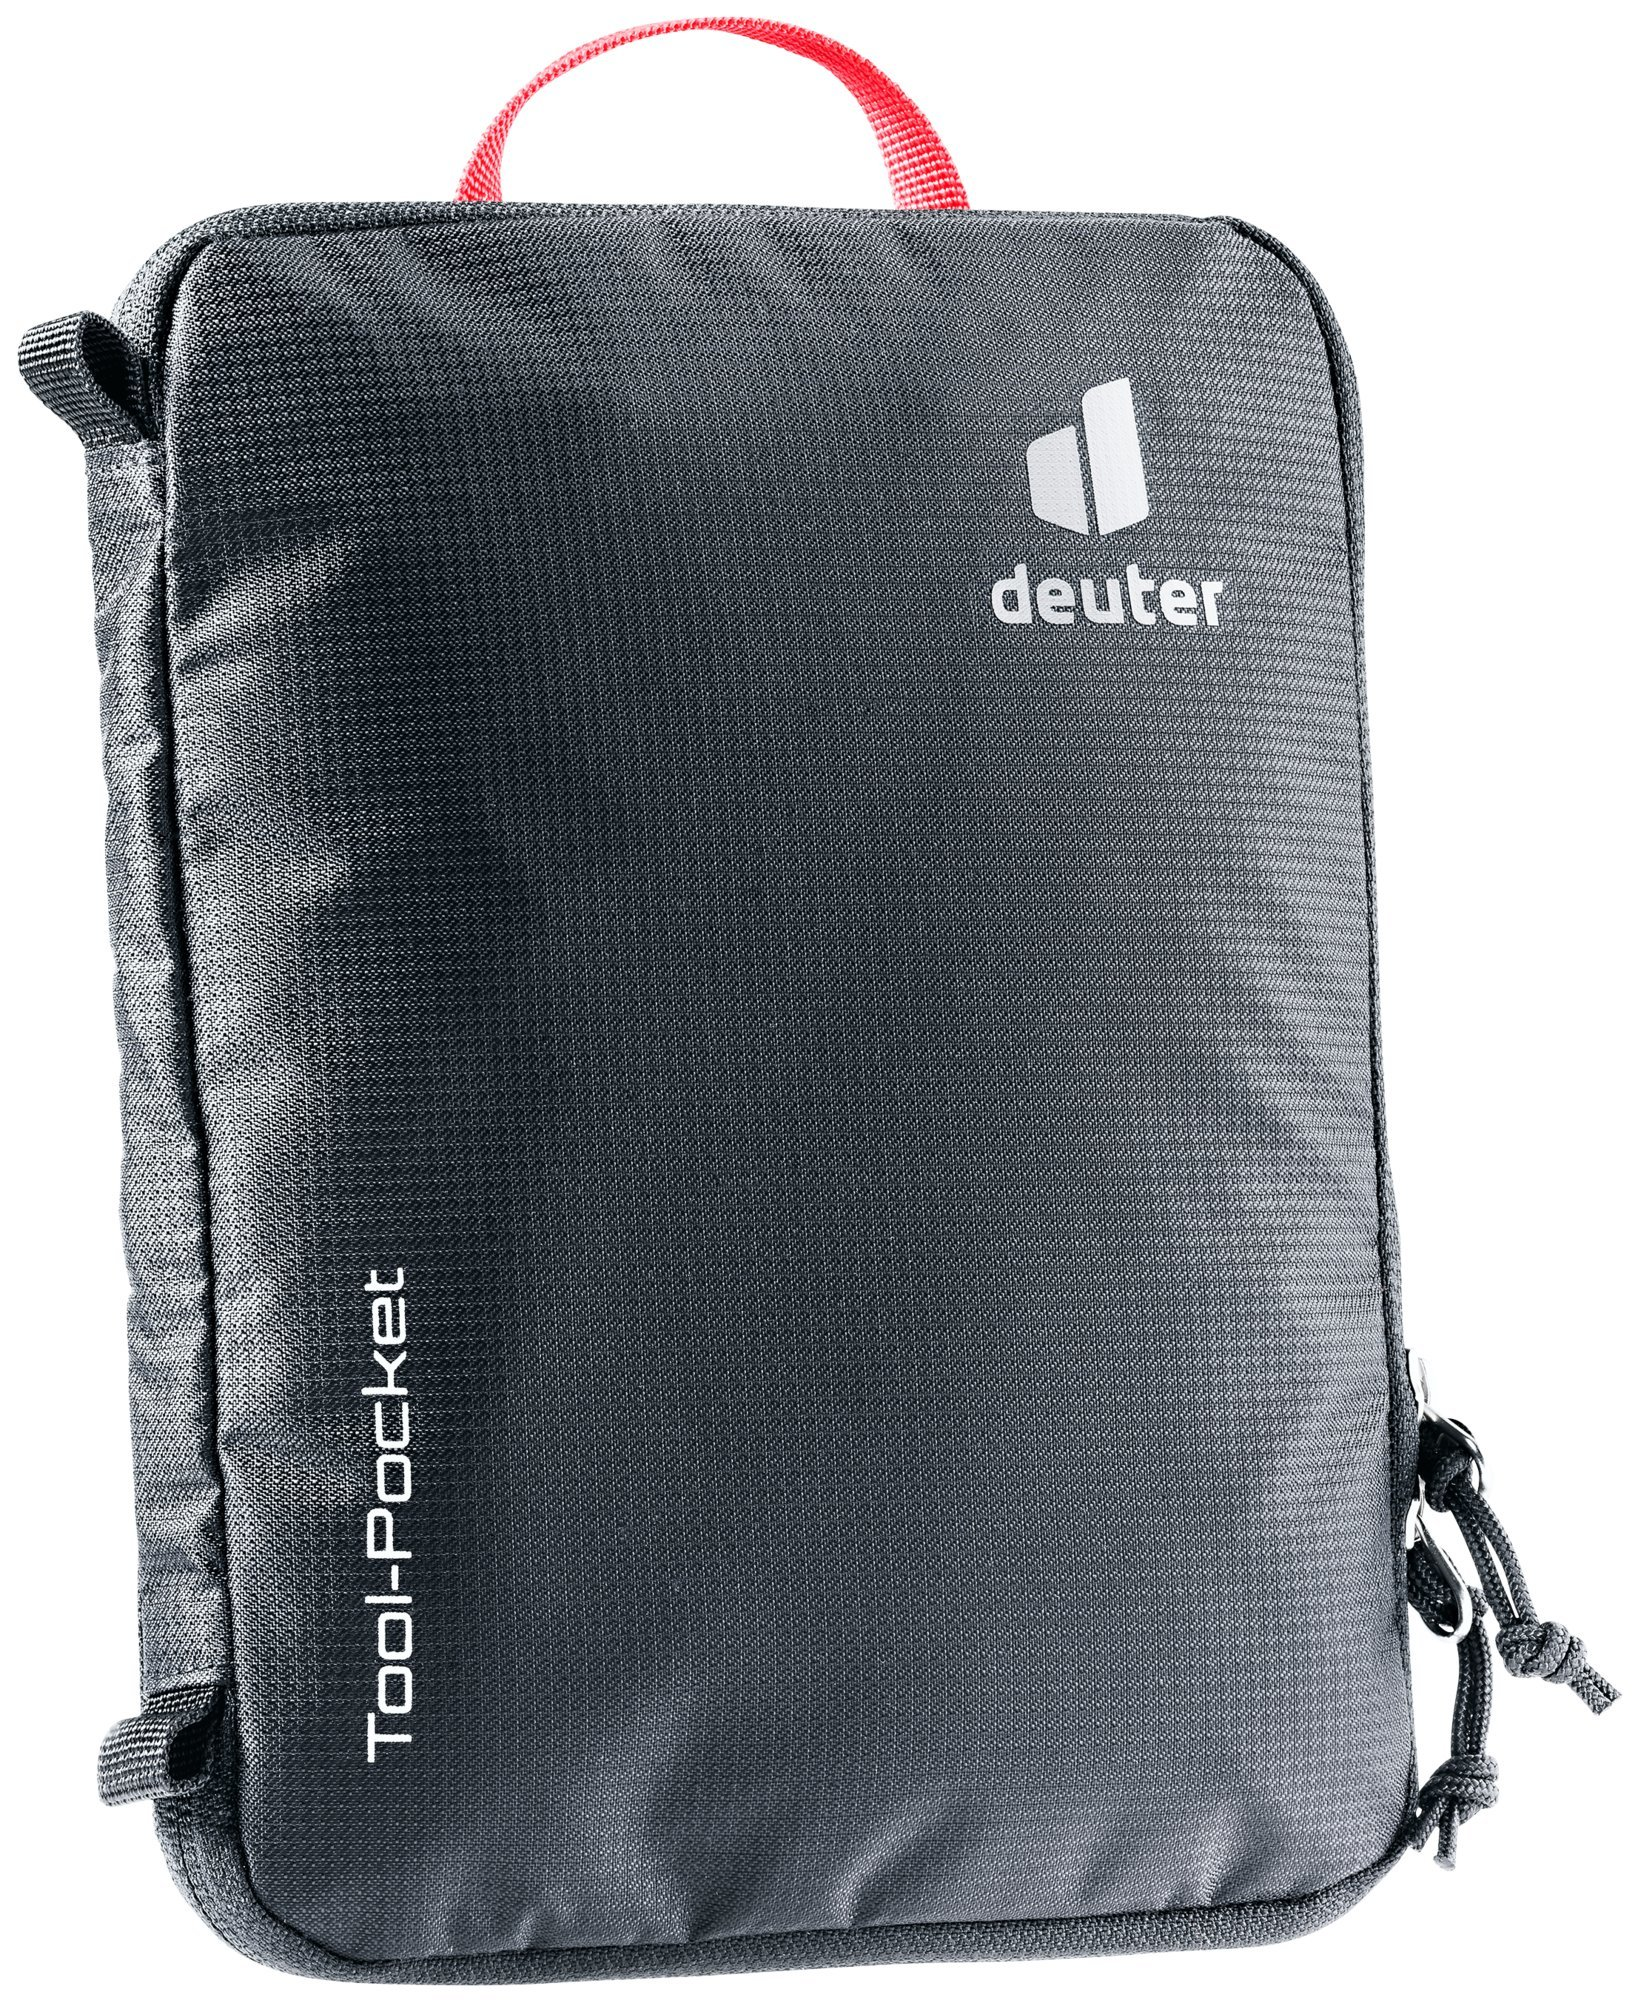 Велосумки Органайзер для велоинструментов Deuter Tool Pocket (2021) 3290021-7000-ToolPocket-s20-d0.png